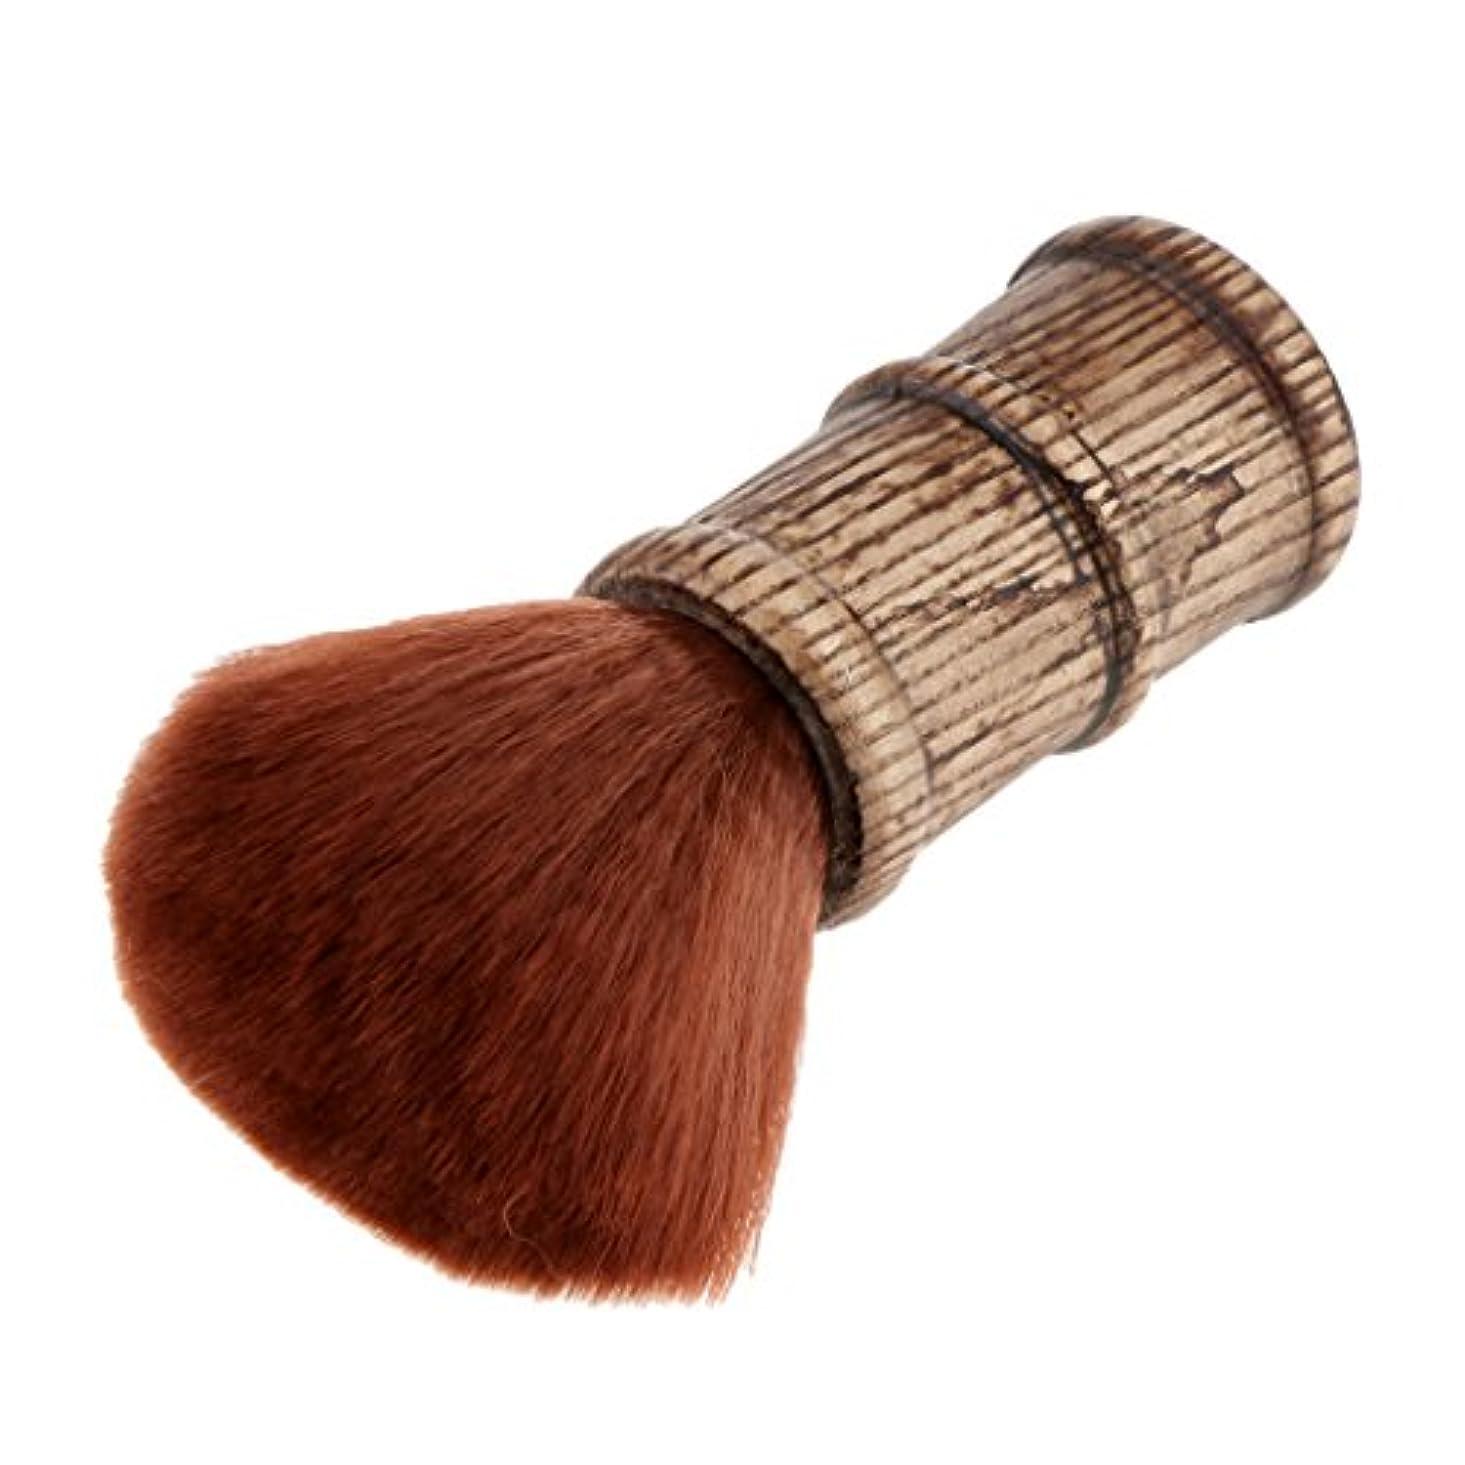 船形ペストリースタックヘアカット 散髪 ネックダスターブラシ ソフト クリーニングヘアブラシ ヘアスイープブラシ 2色選べる - 褐色